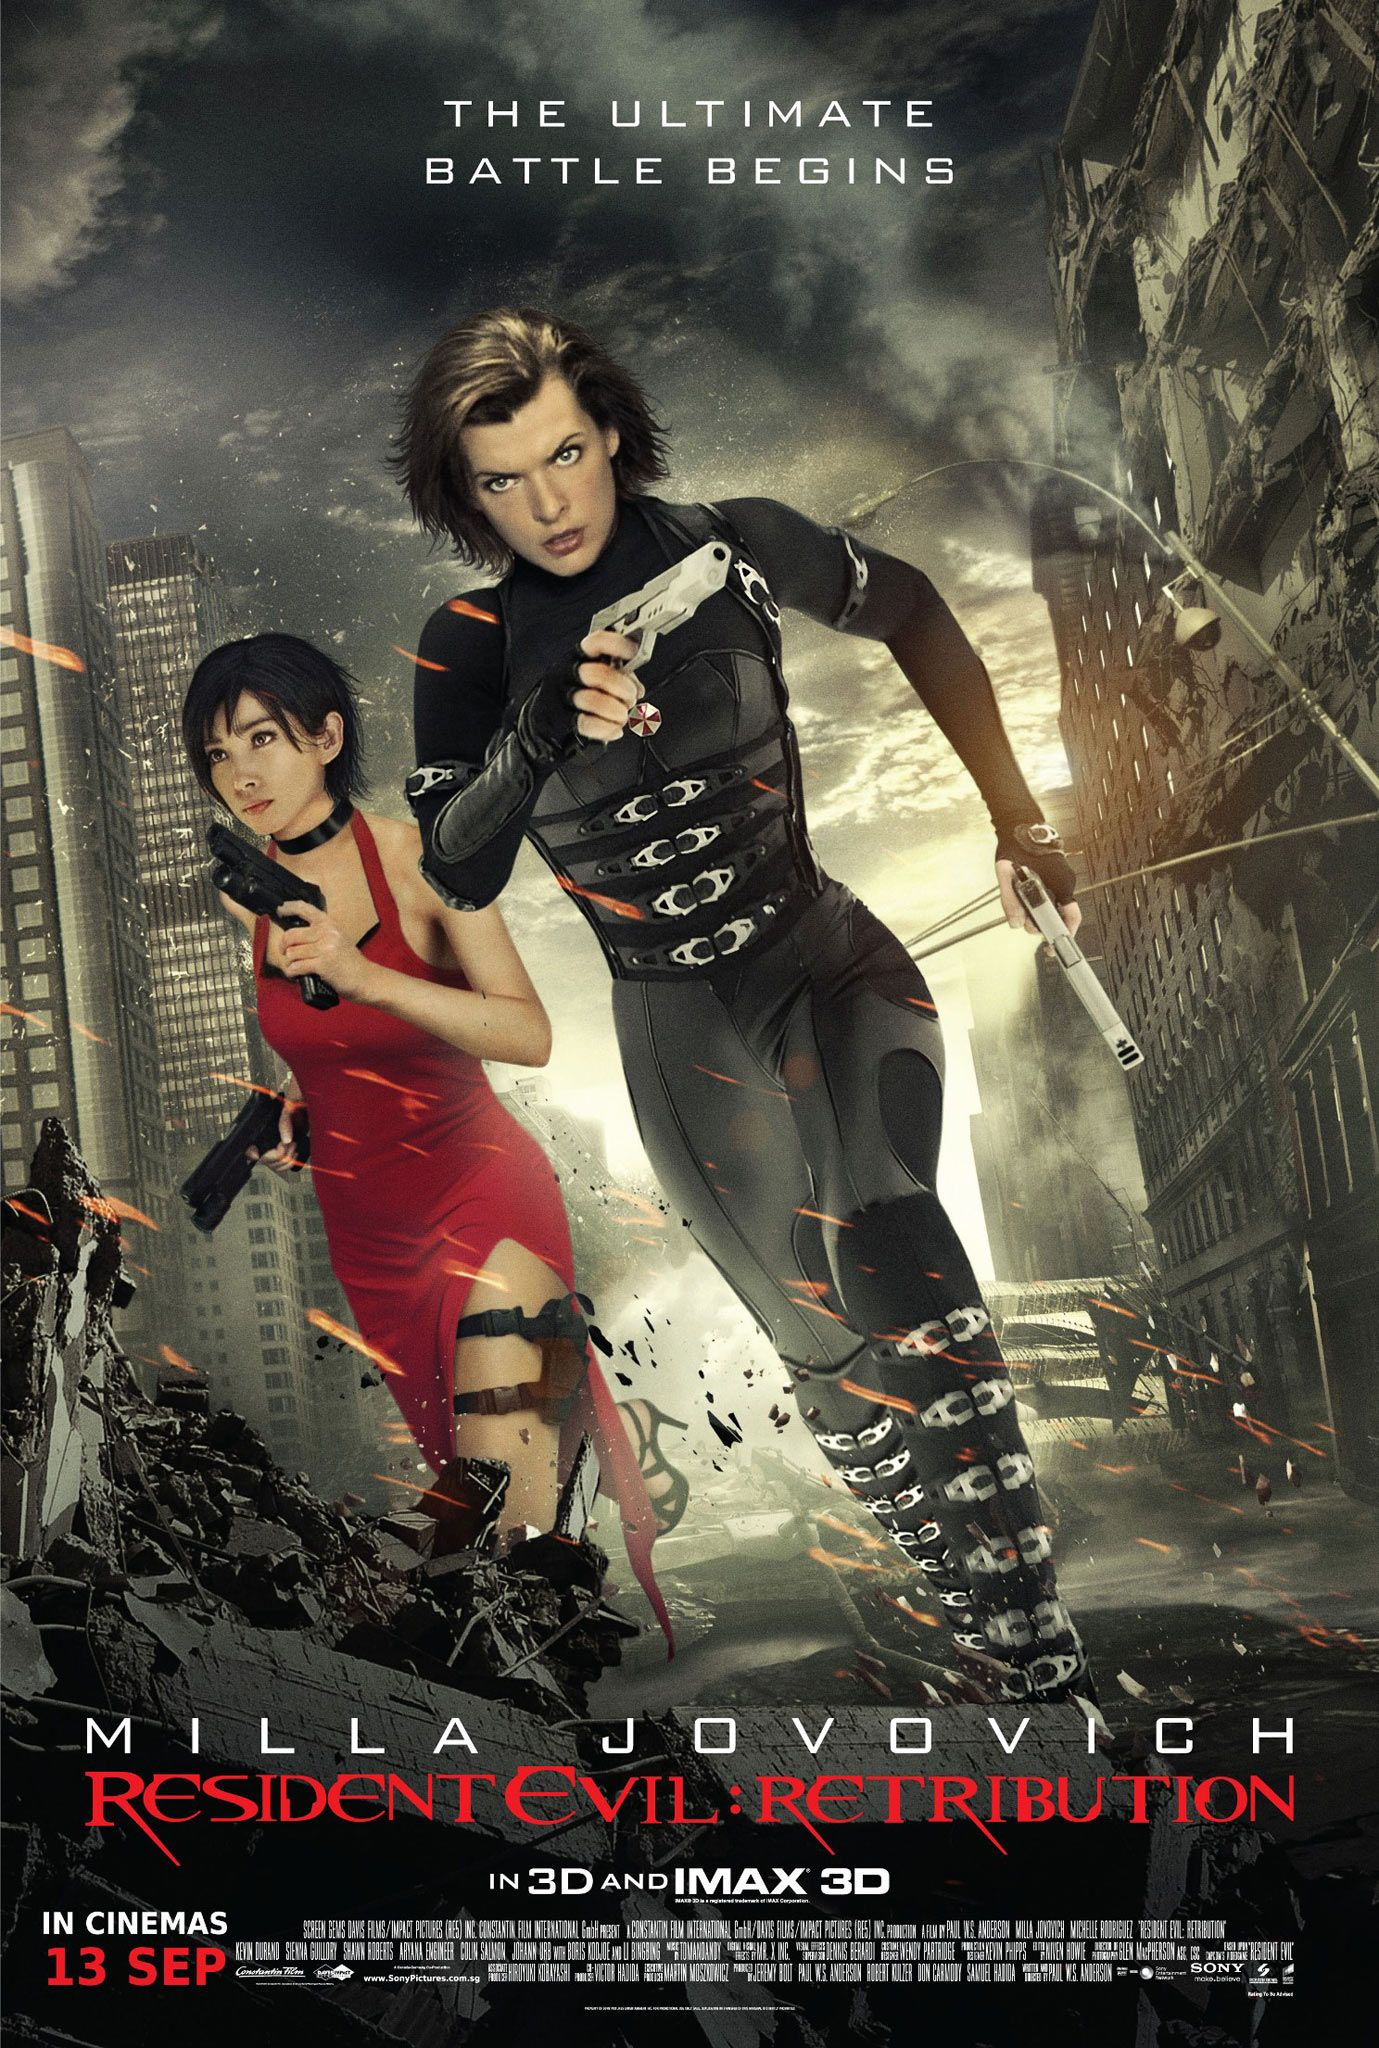 Resident Evil Movie Poster Resident Evil Retribution Poster